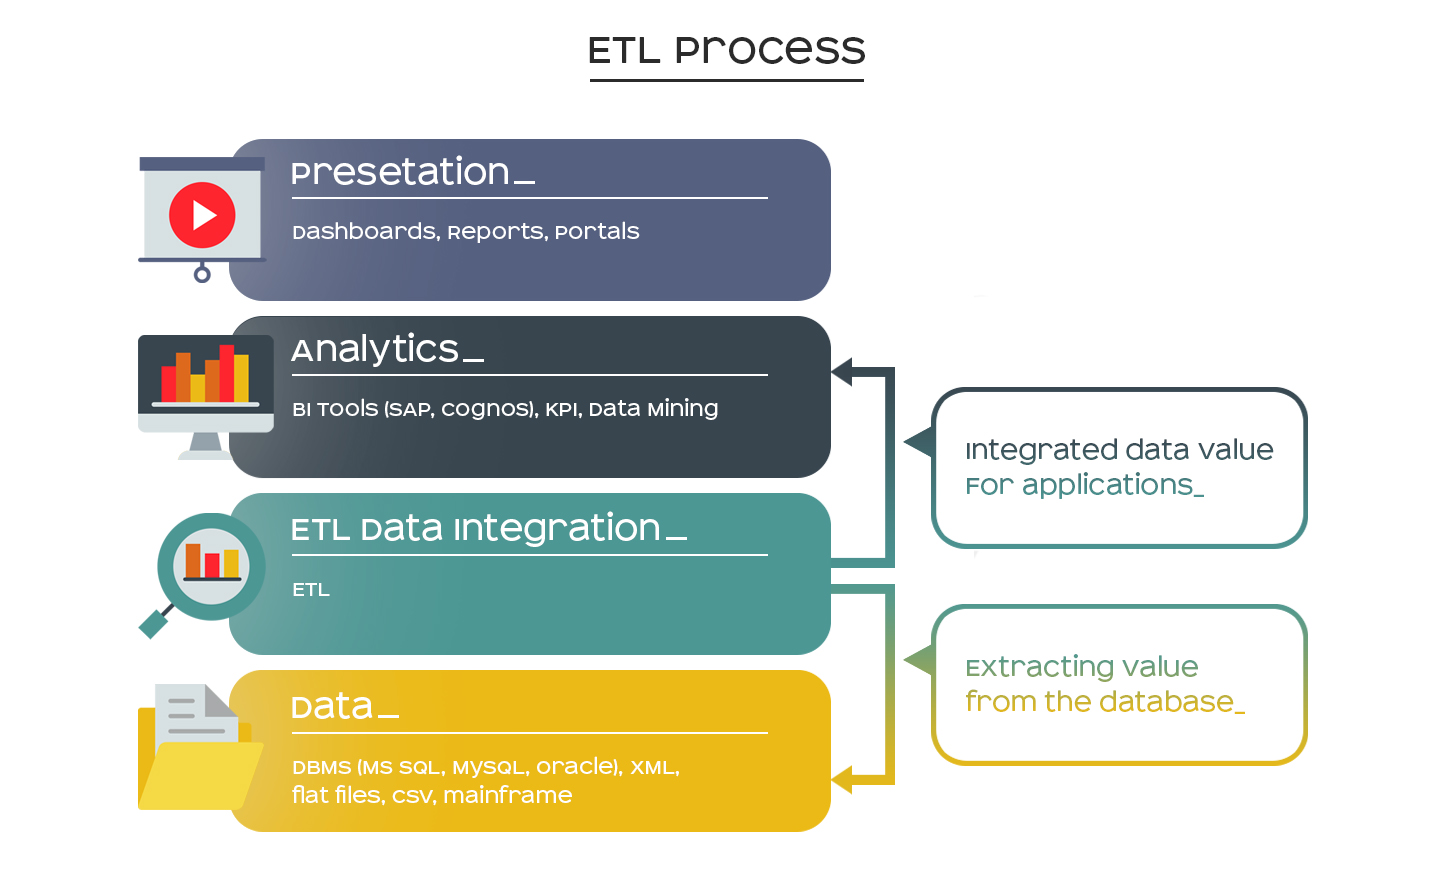 etl process